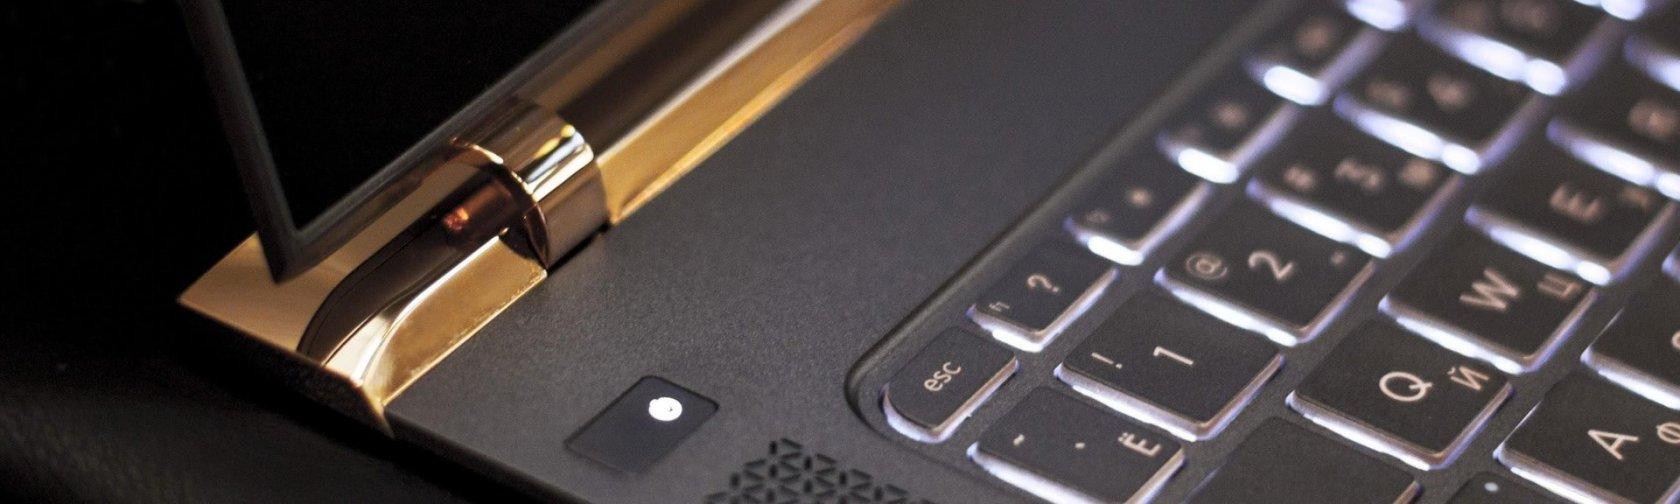 Технологии и дизайн в одном устройстве. Ноутбук HP Spectre 13 - 17